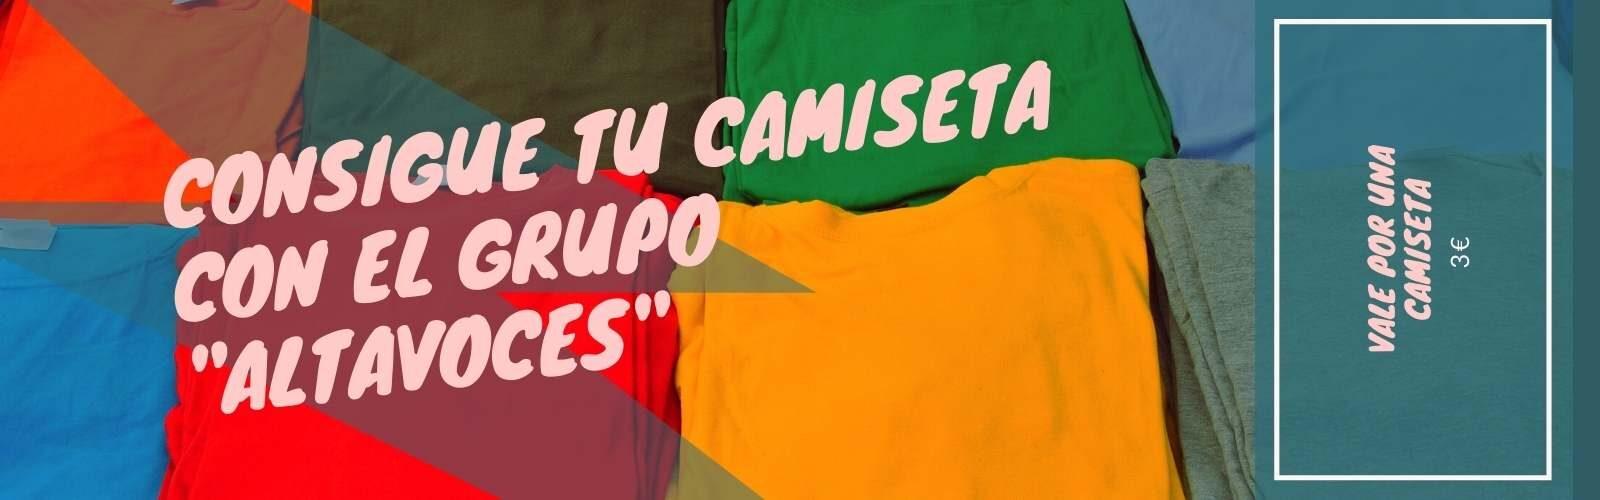 """Consigue tu camiseta con el grupo """"Altavoces"""""""